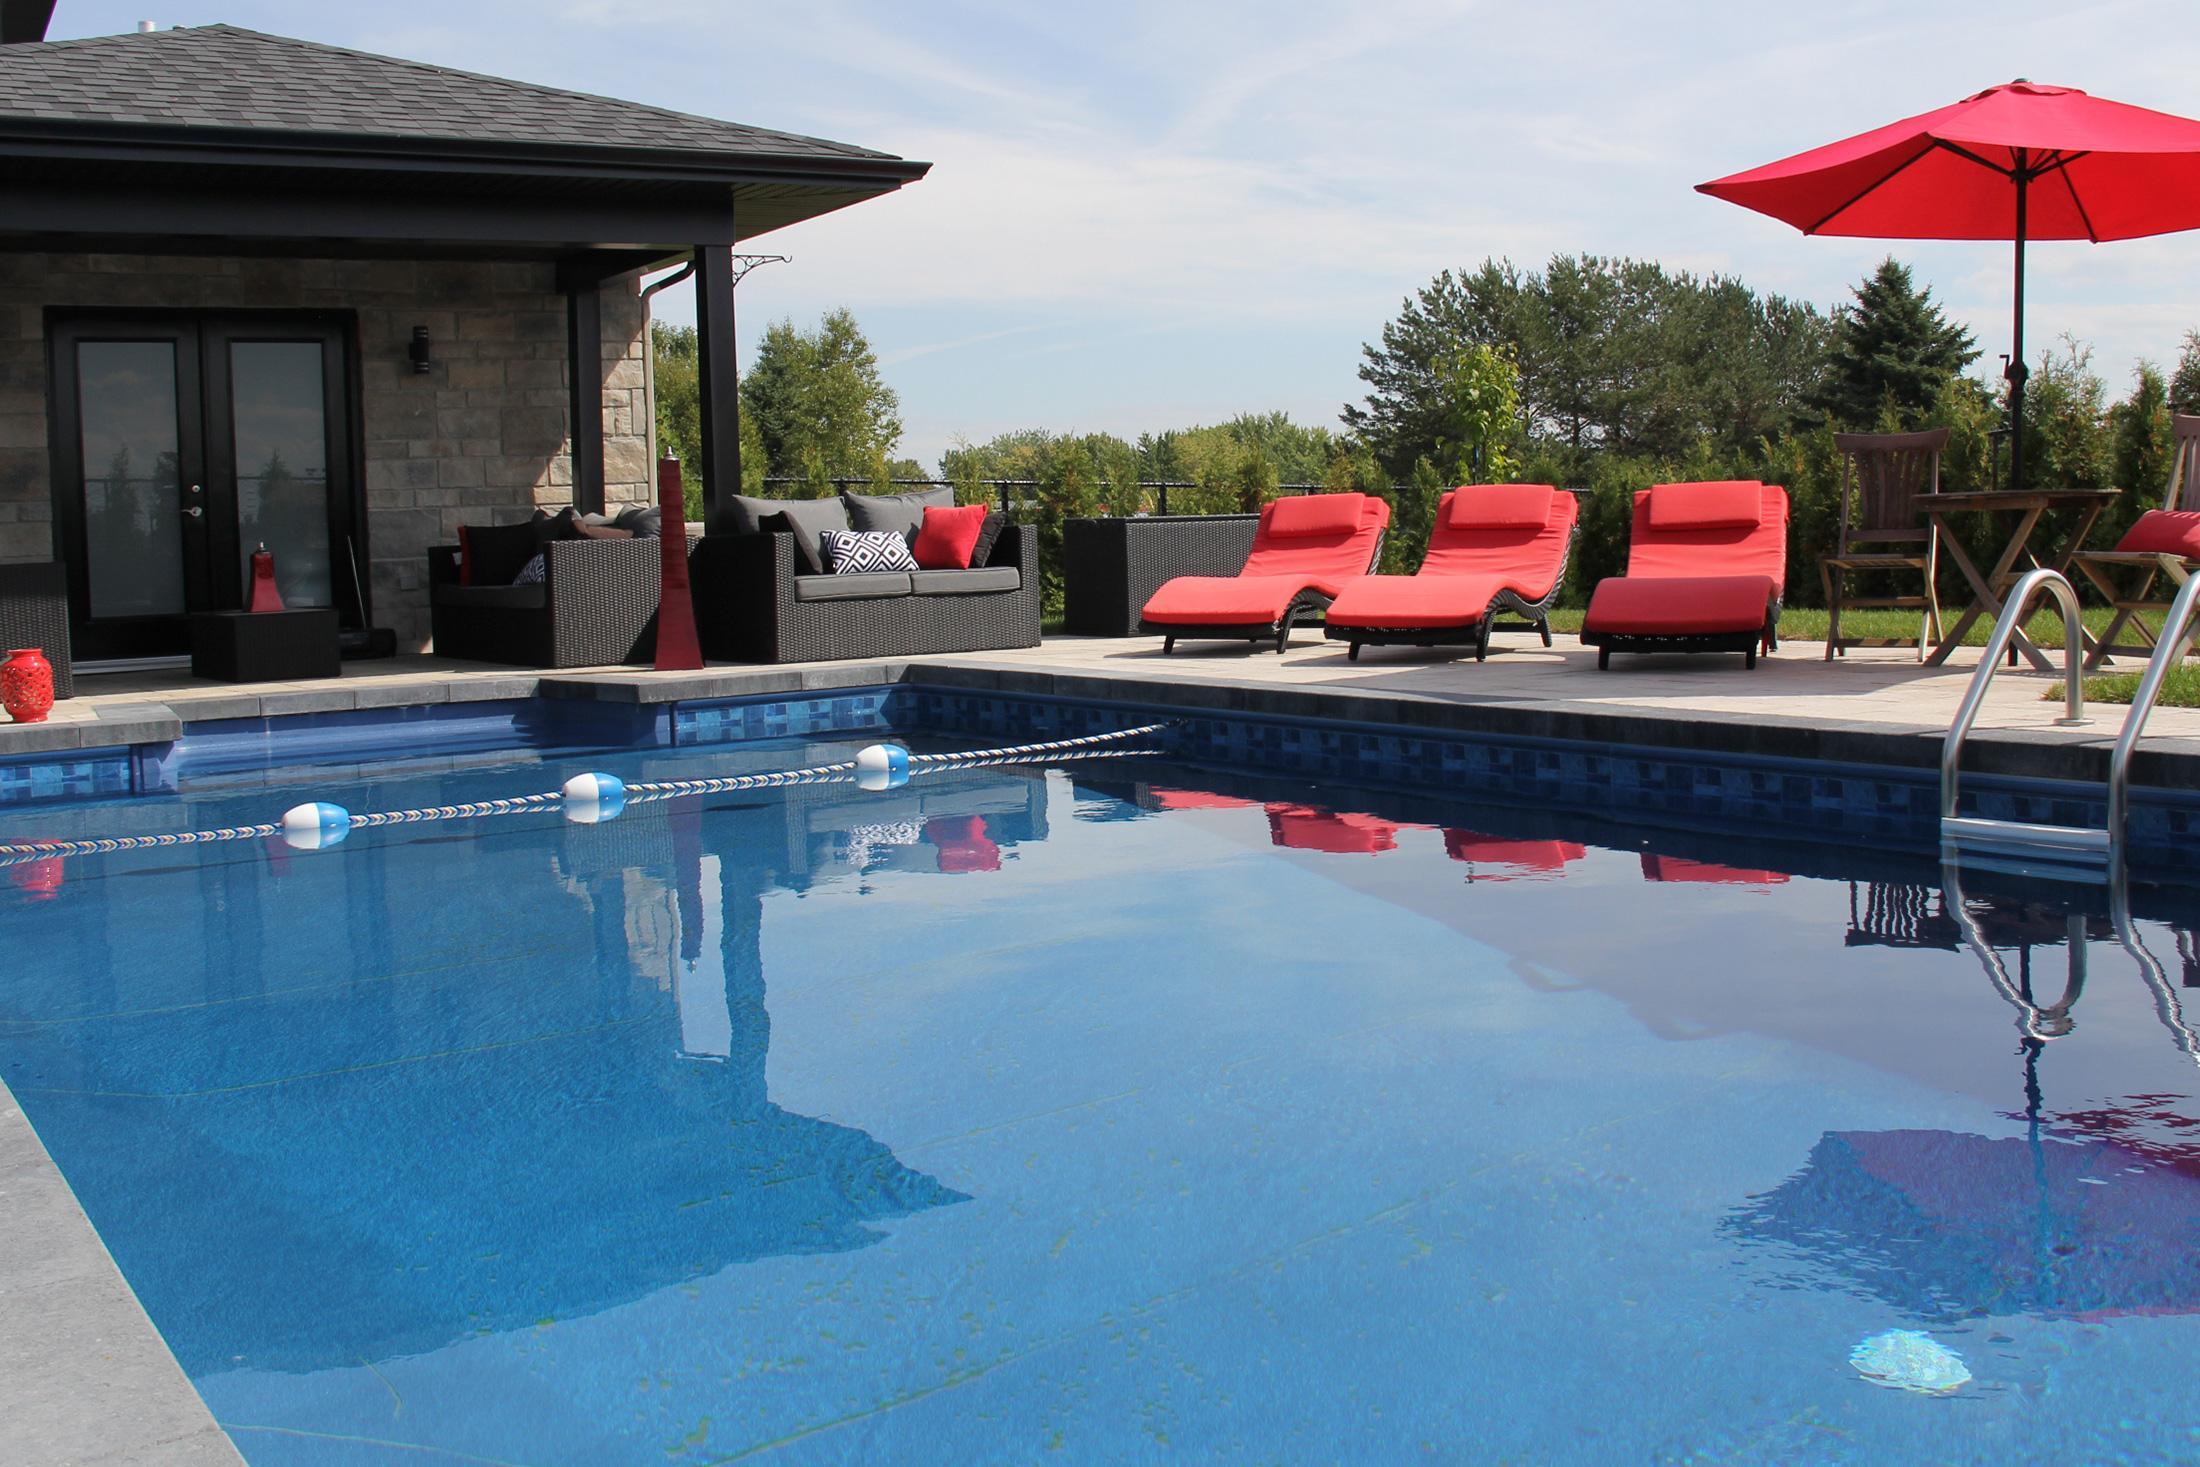 accueil concept piscine design piscines spas gazebos